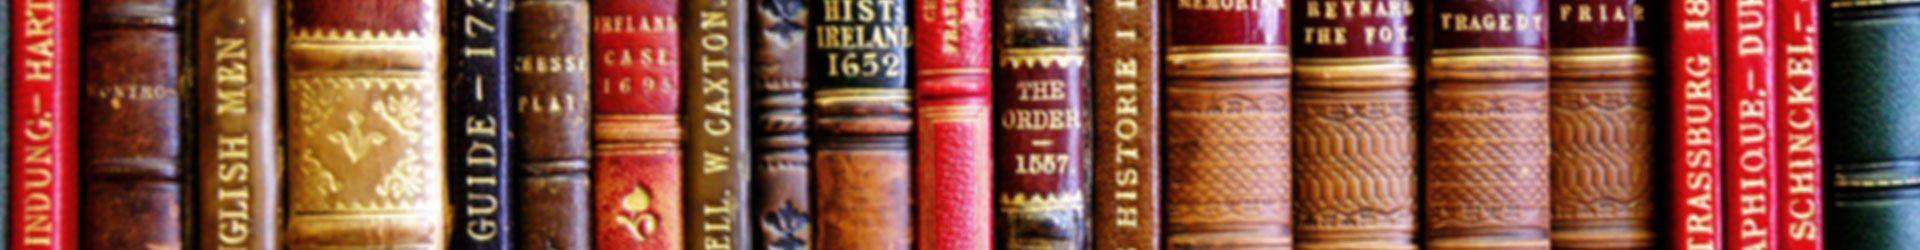 فهرستگان یکپارچه پژوهشی و آموزشی کشاورزی